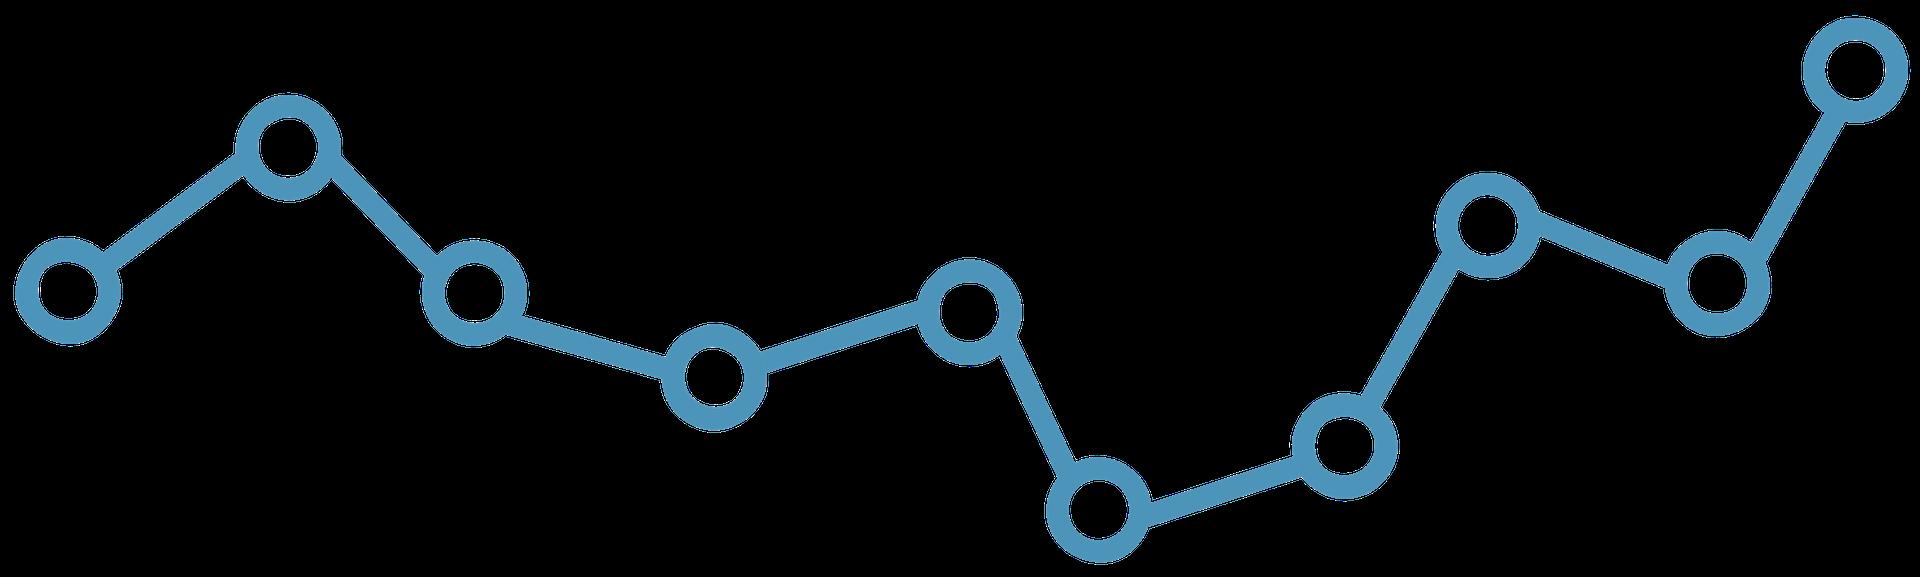 yrityskauppa-graf-web